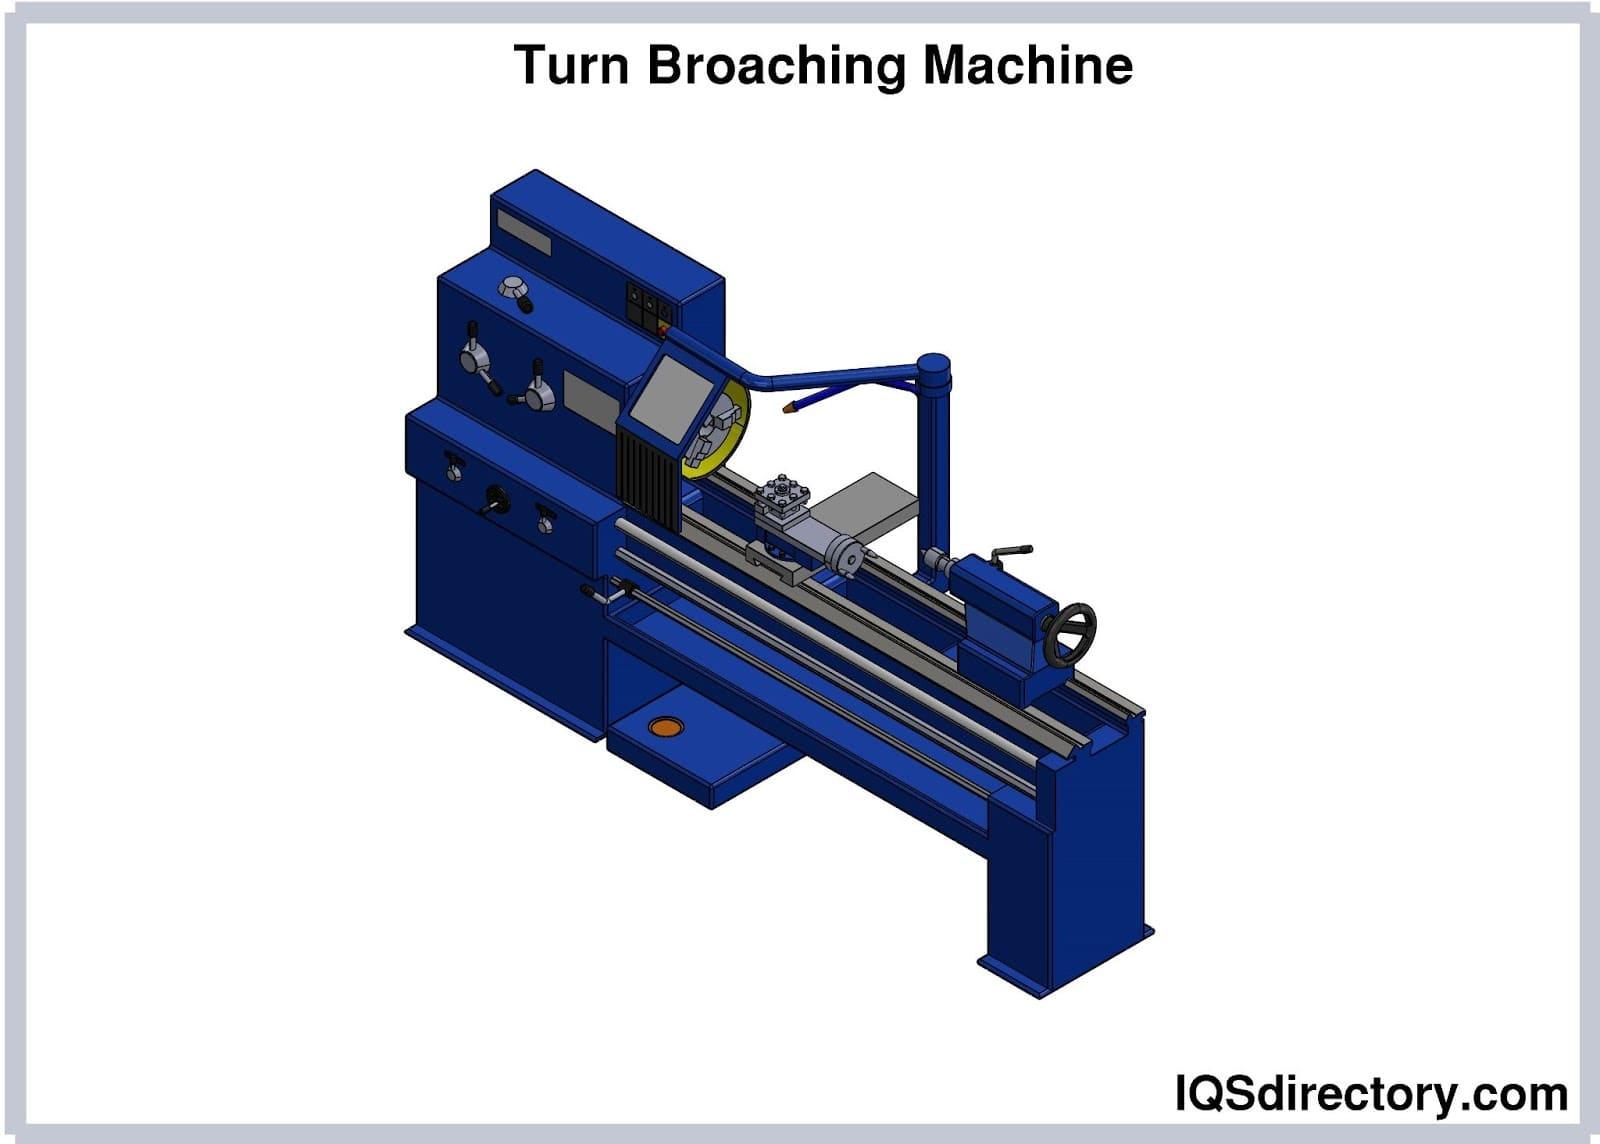 Turn Broaching Machine